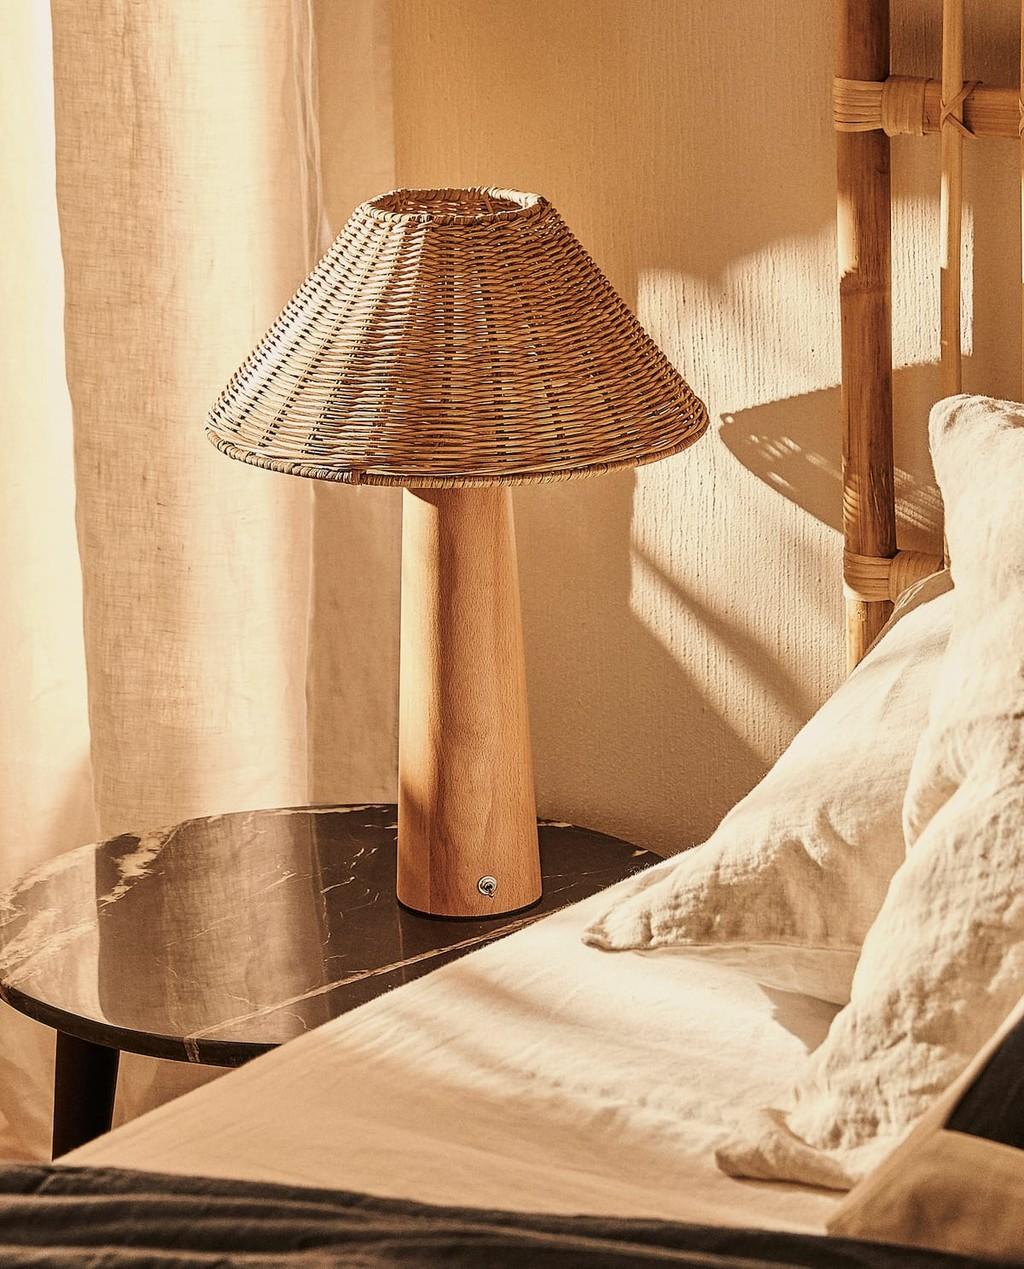 Rebajas en Zara Home; los muebles y cestas de fibras vegetales rebajados que te ayudarán a hacer de tu casa un espacio más natural